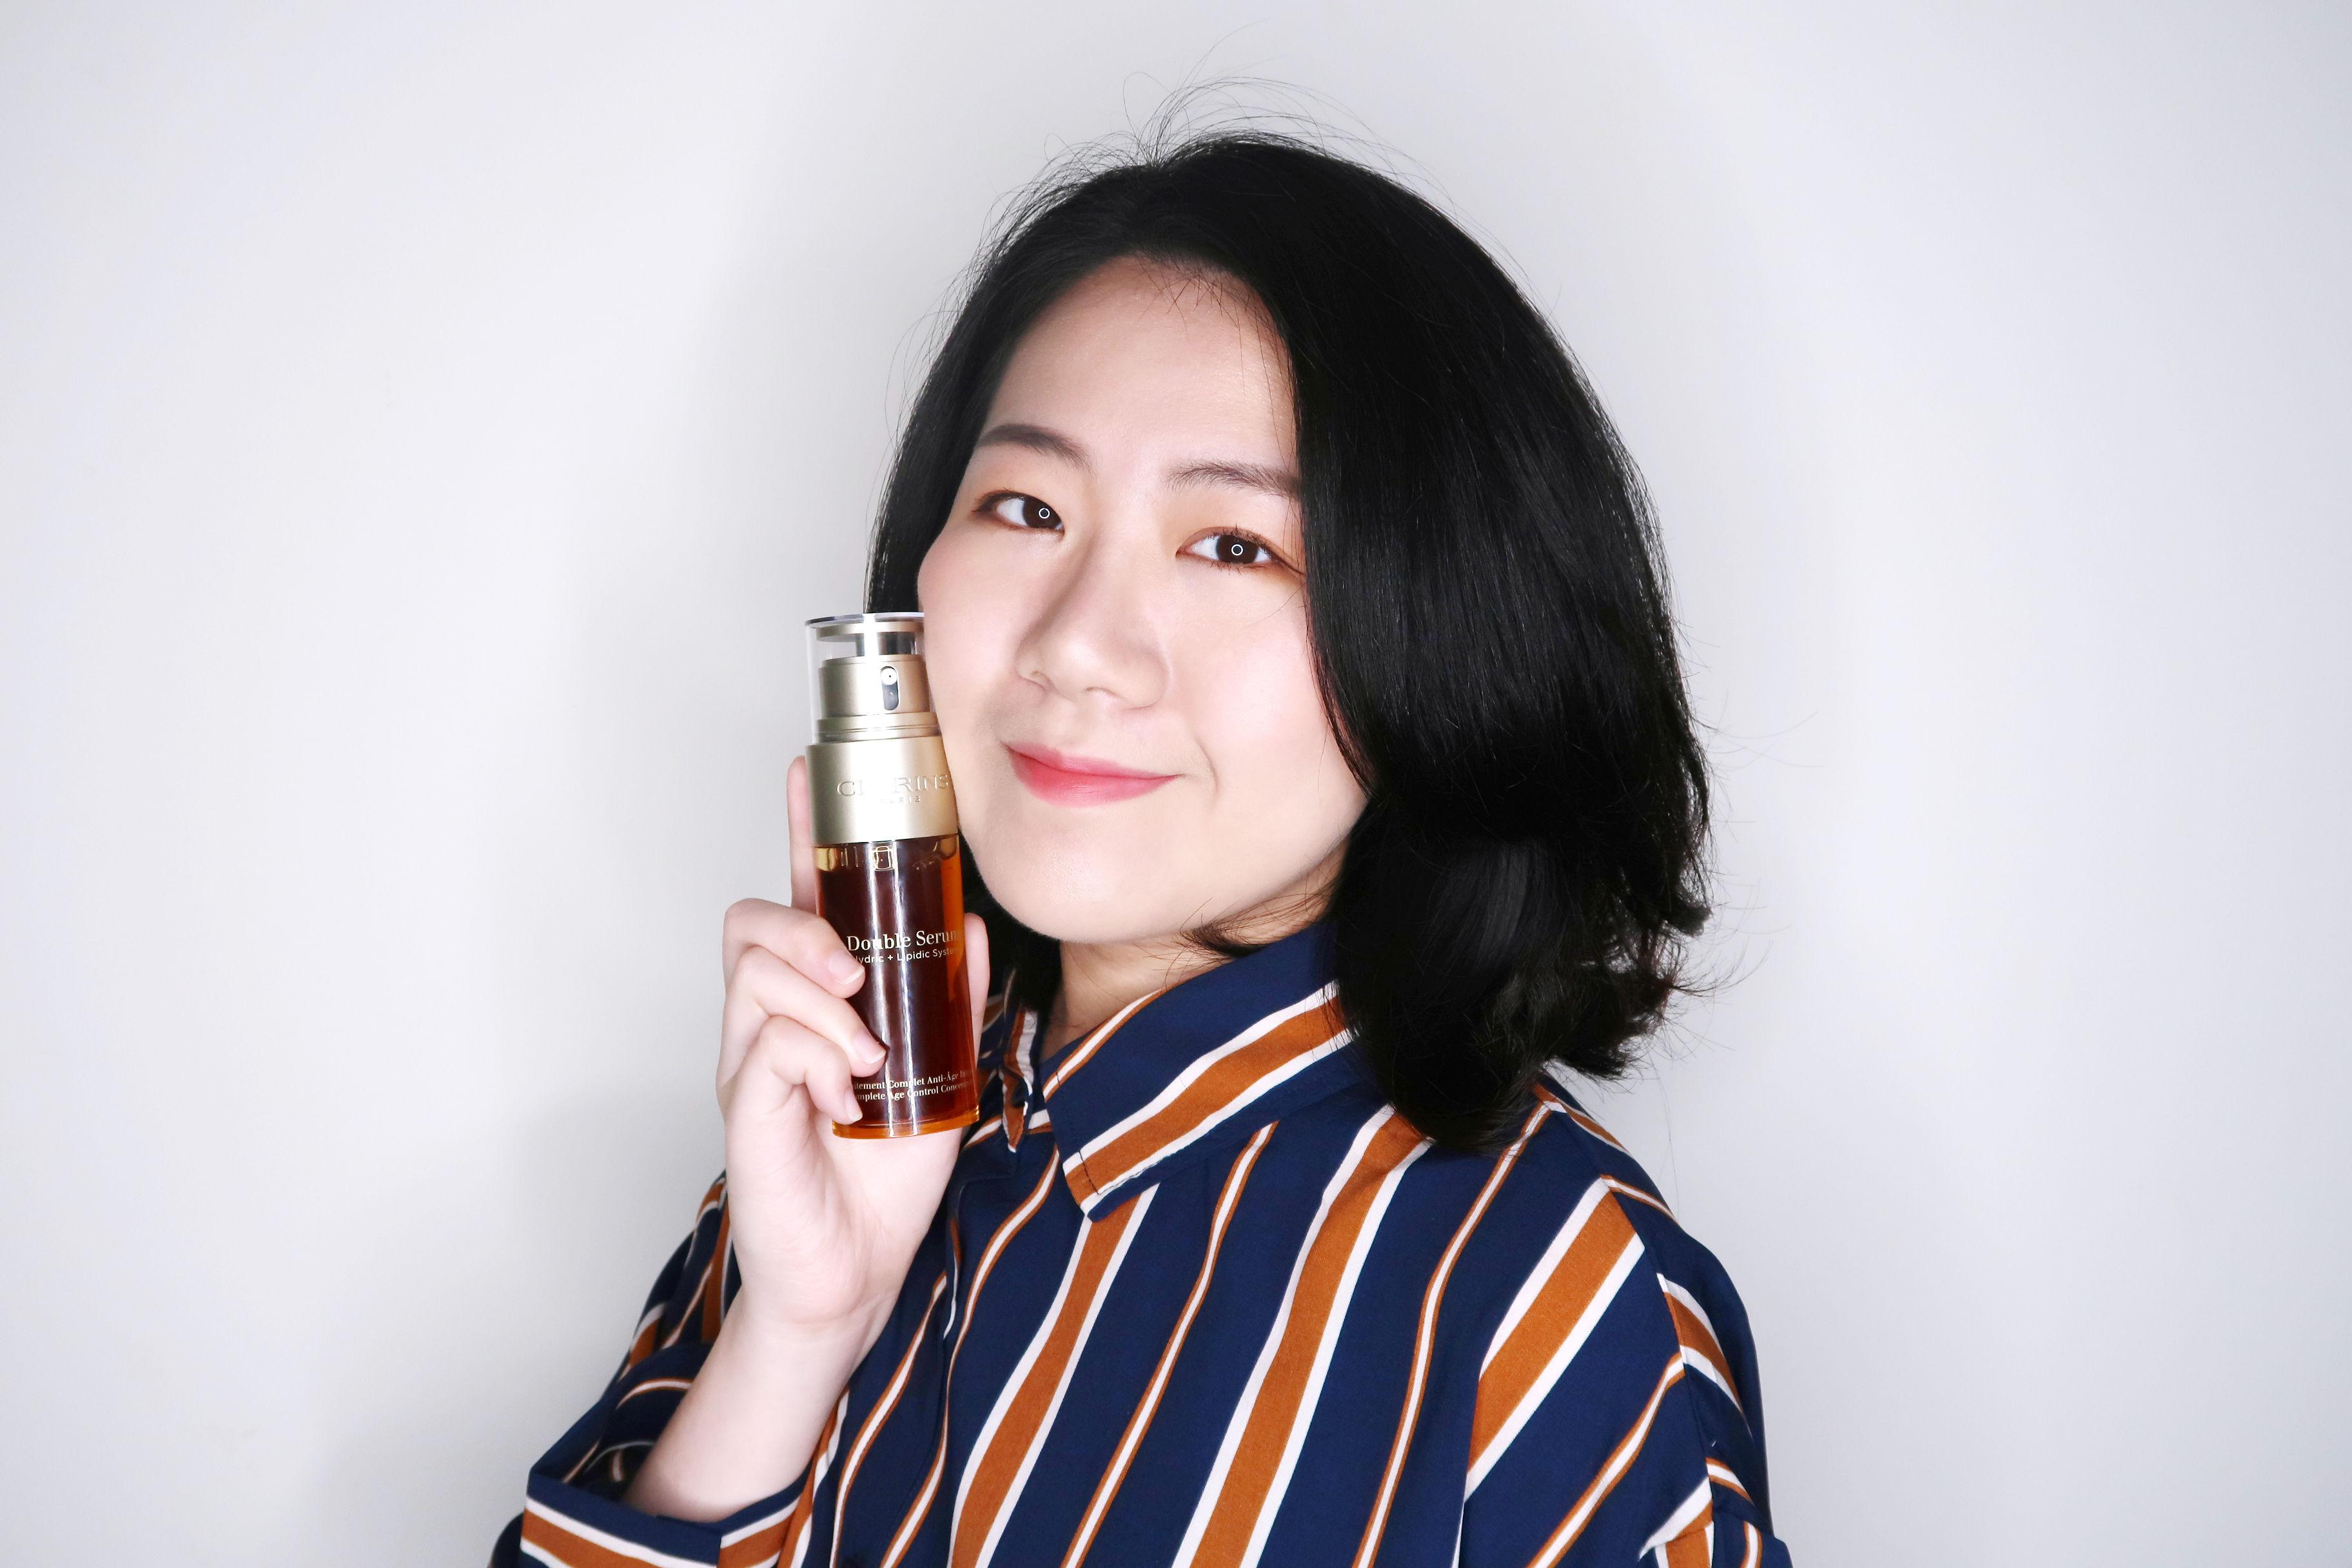 克蘭詩_超級精華黃金雙激萃_使用心得 (8).JPG